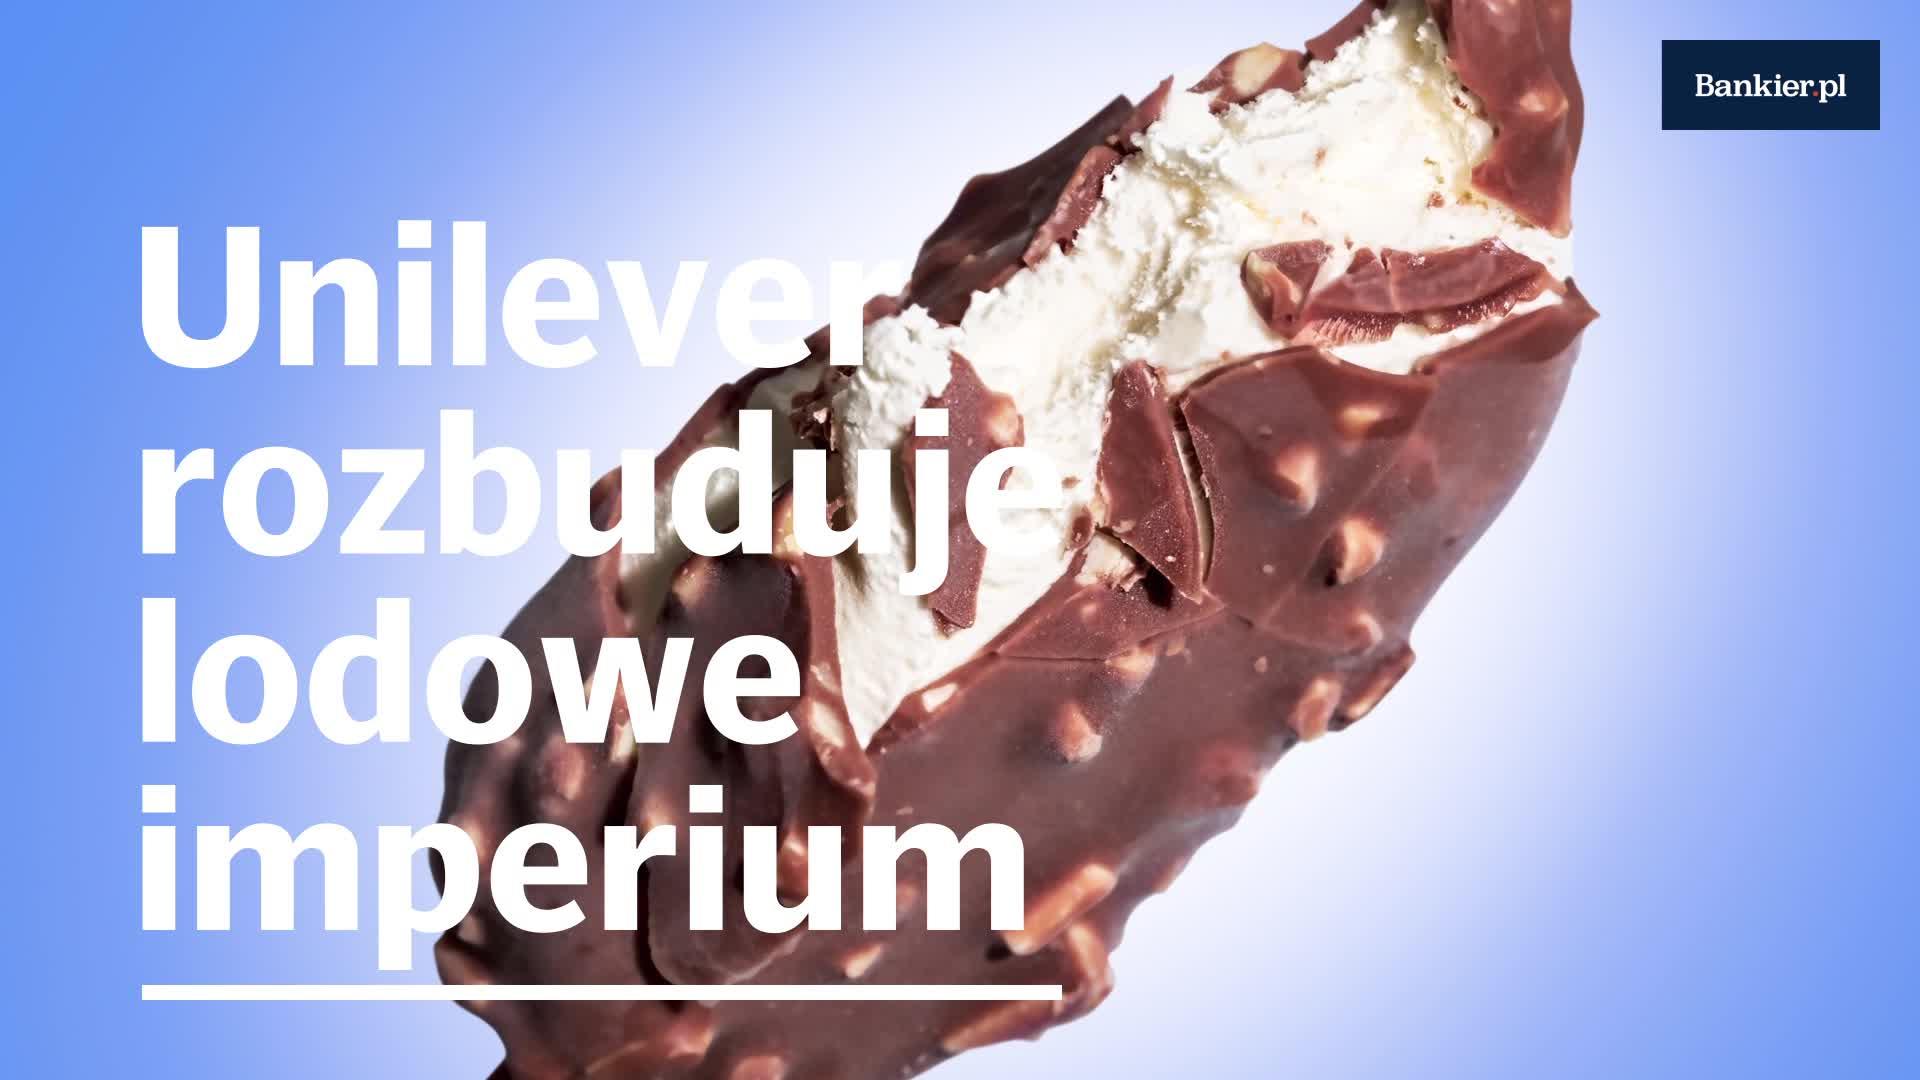 Unilever rozbuduje lodowe imperium